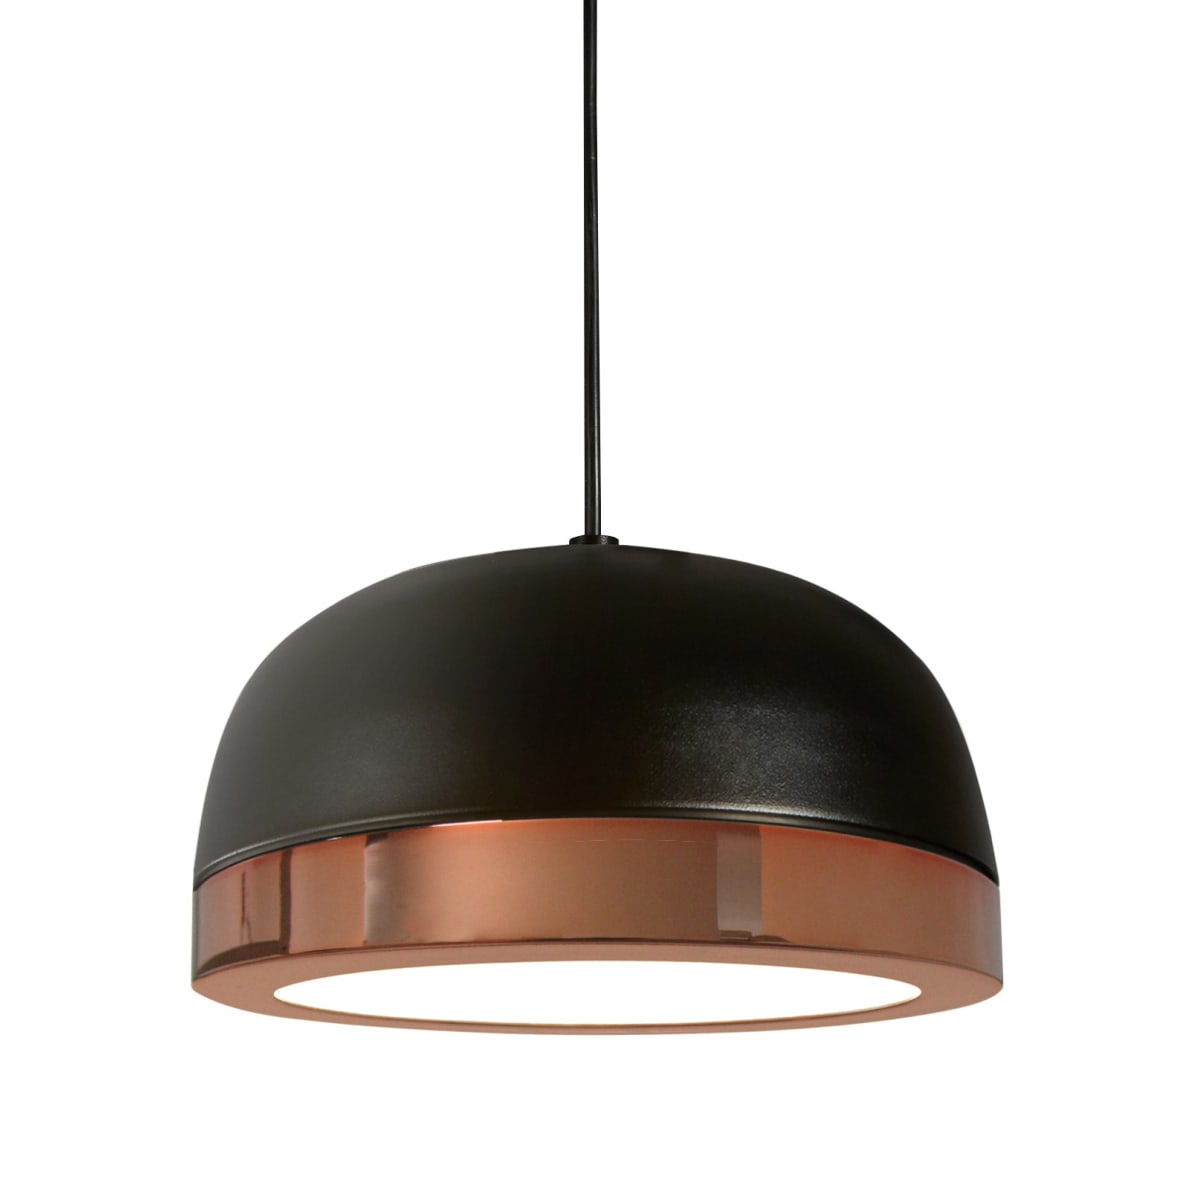 Oggetti Luce 68 556 22 Bk Co Black Copper Molly Single